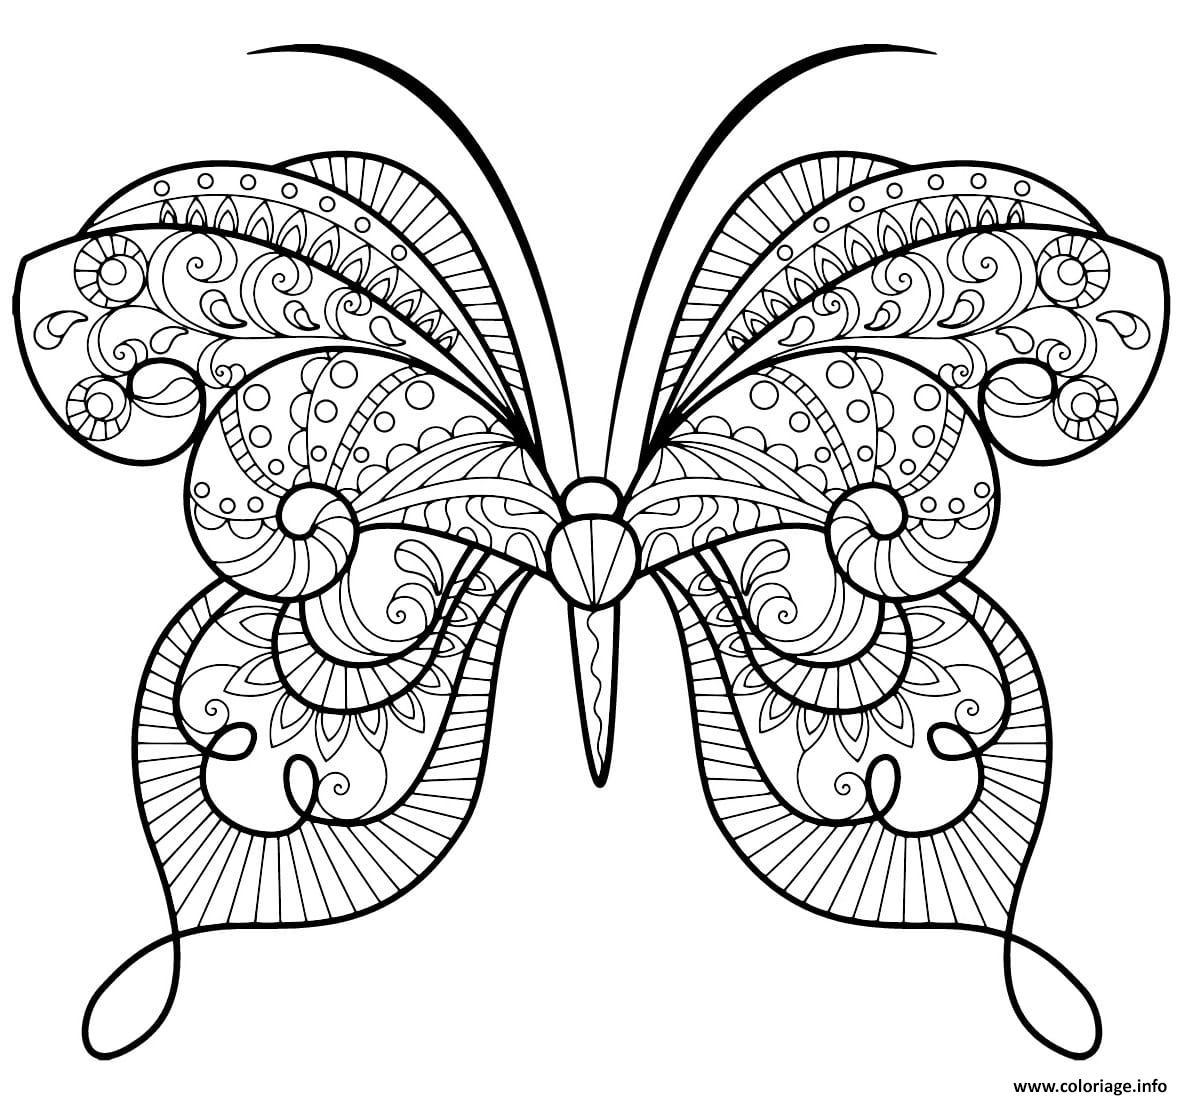 Dessin papillon zentangle jolis motifs 15 Coloriage Gratuit à Imprimer